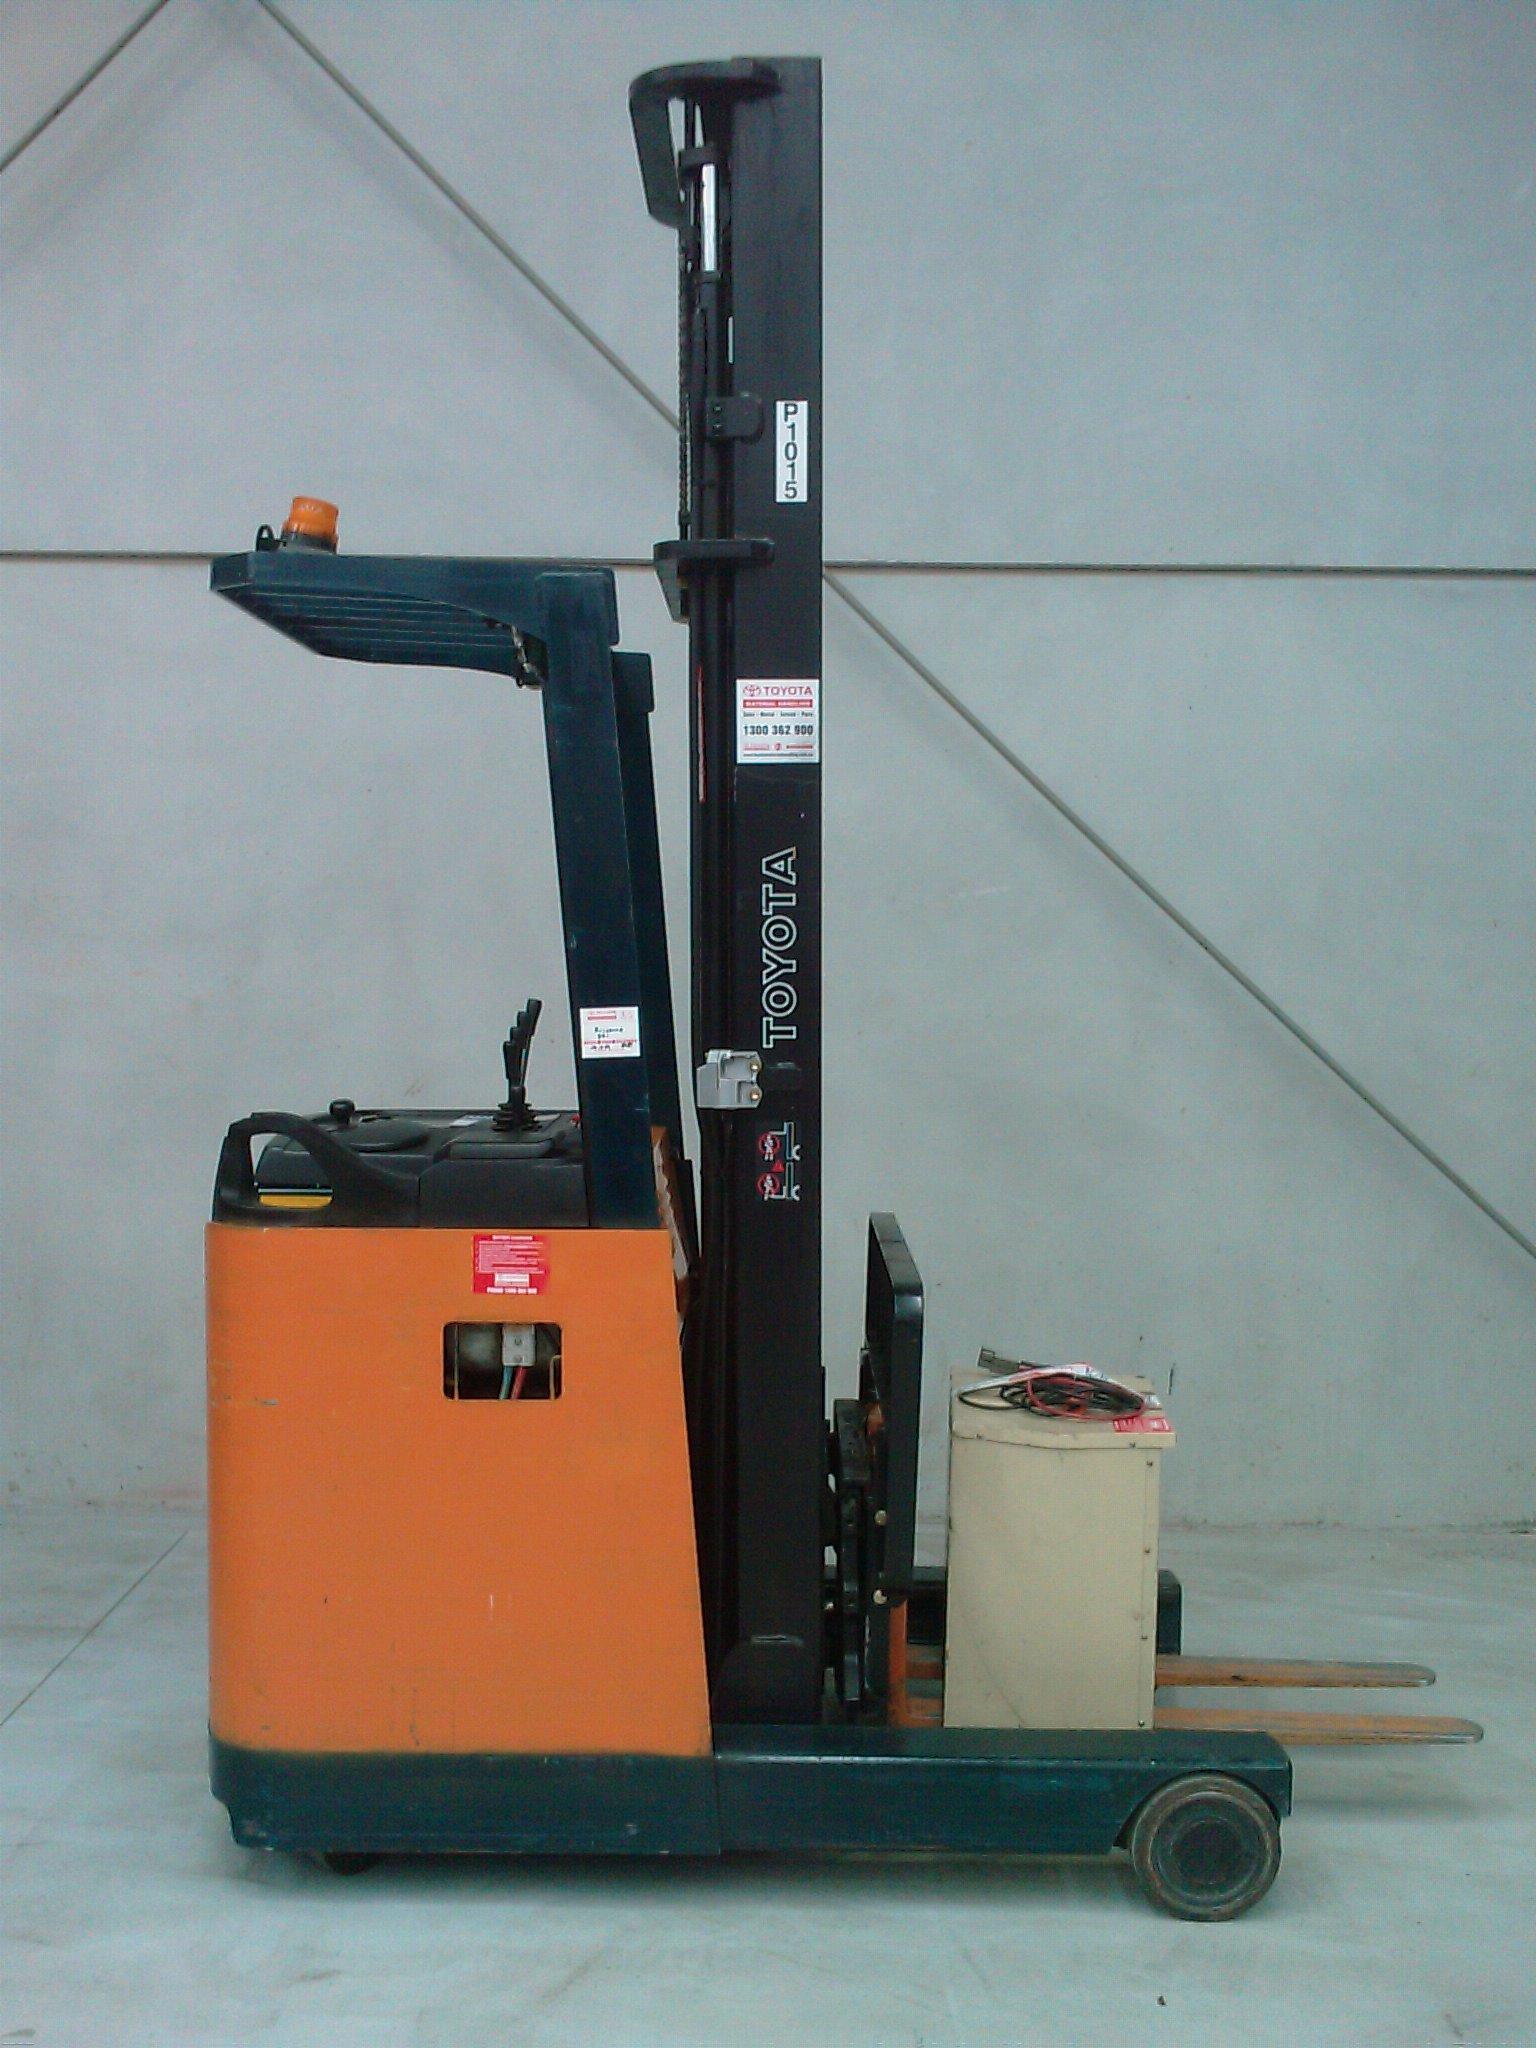 Electric Forklifts Melbourne Forkliftsmelbourne Forklifts